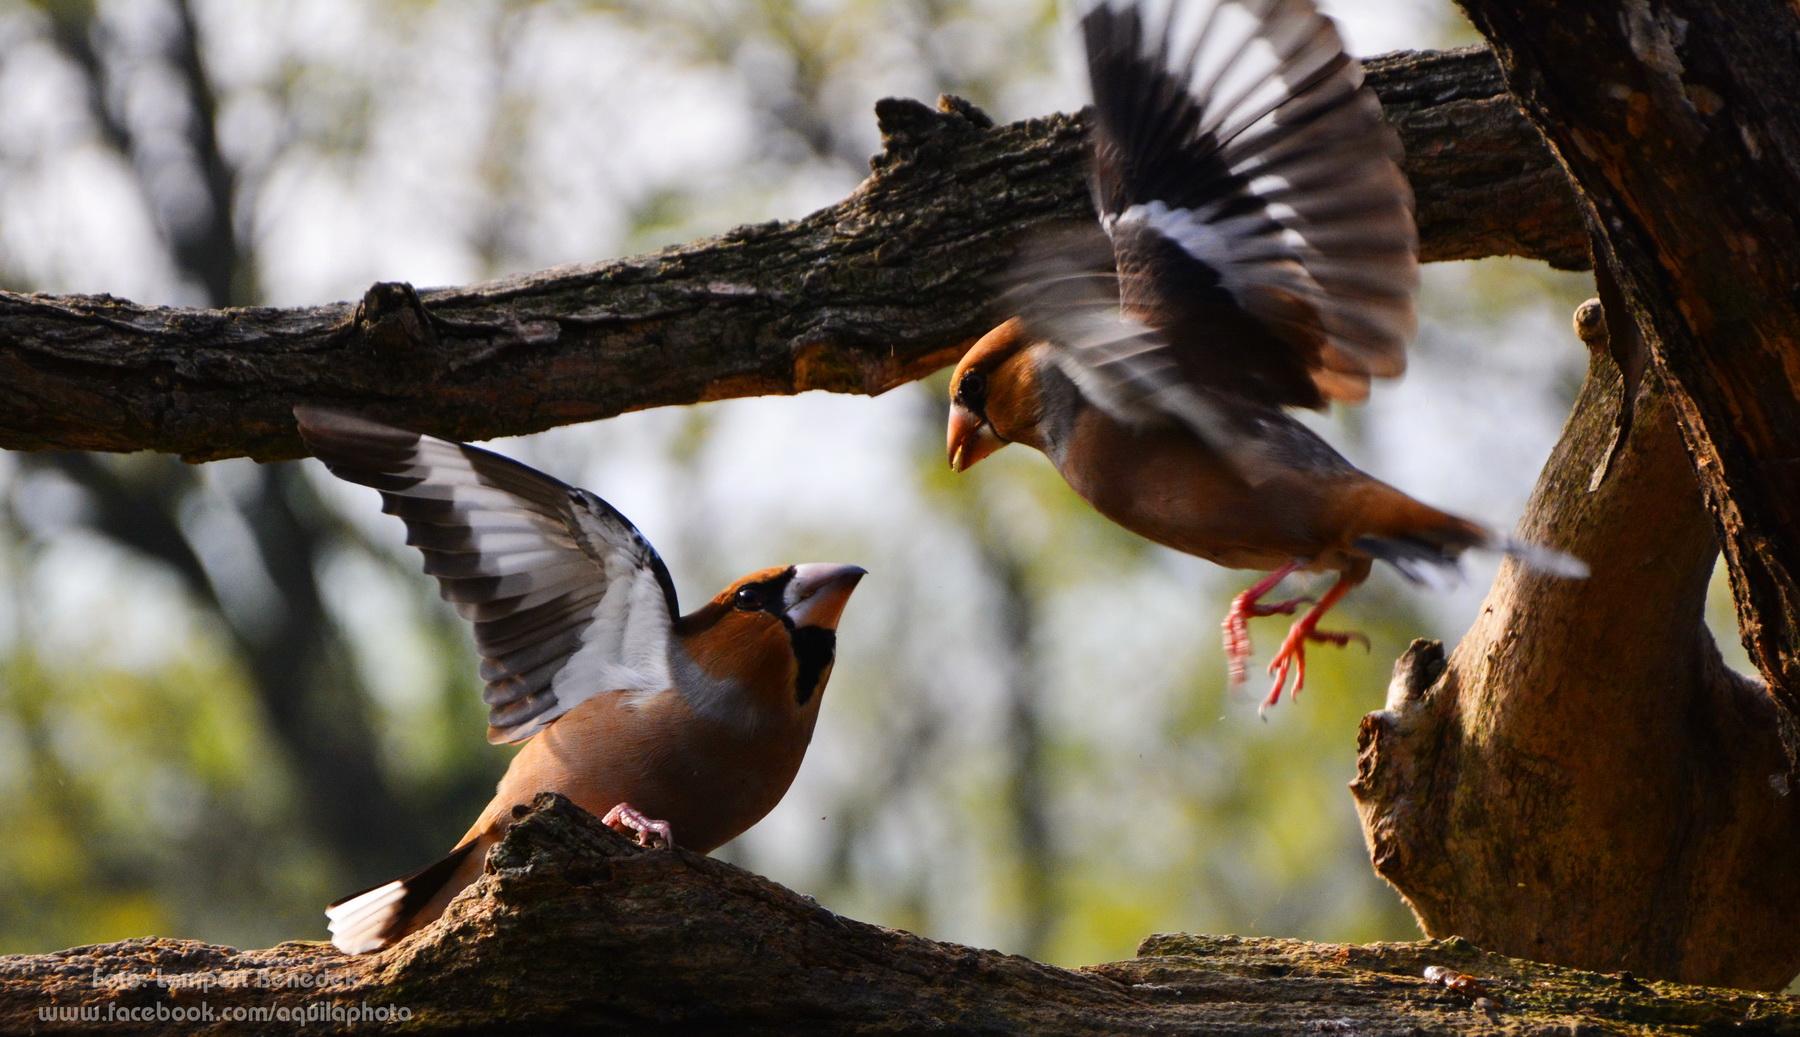 Kis meggyvágó balhé. Ha ezek a madarak egymásnak esne, ott bizony repkednek a tollak!